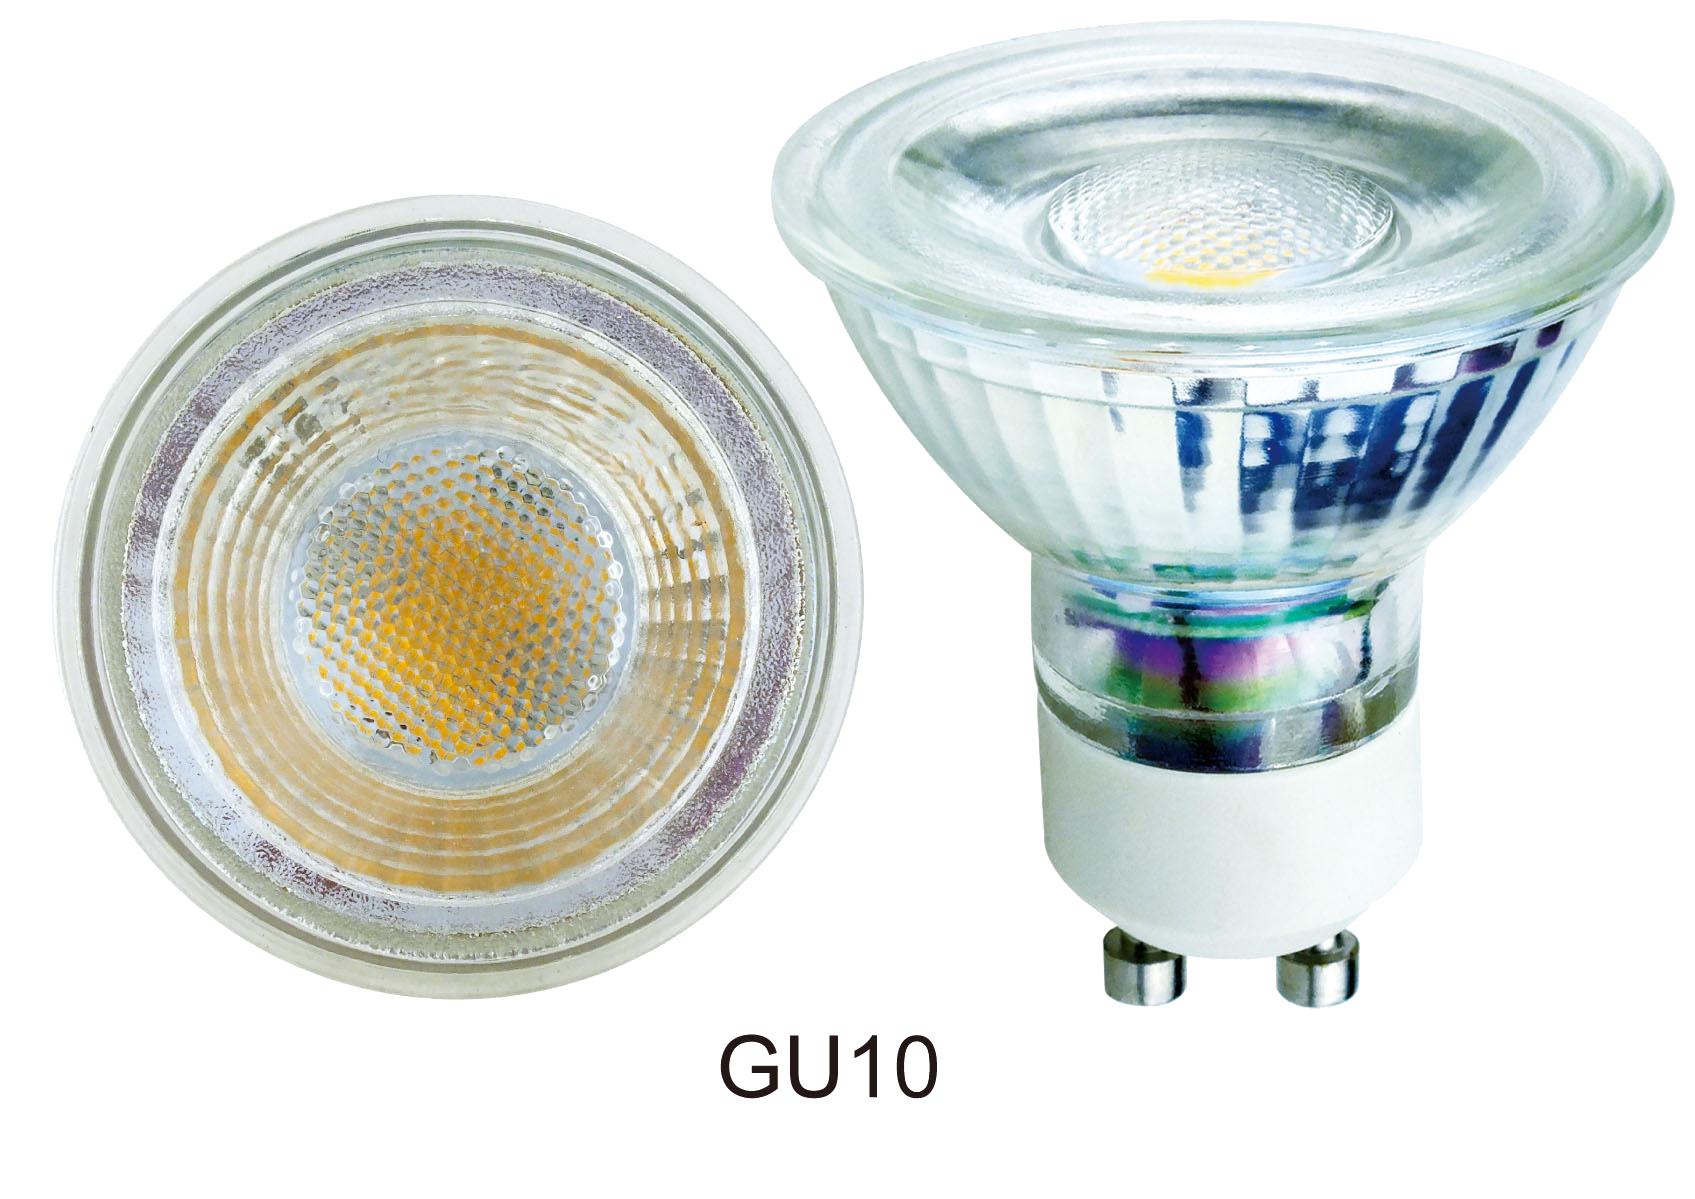 LED Leuchtmittel   Keramik weiß   Glas klar   Globo Lighting   Leuchten   Lampen   online kaufen